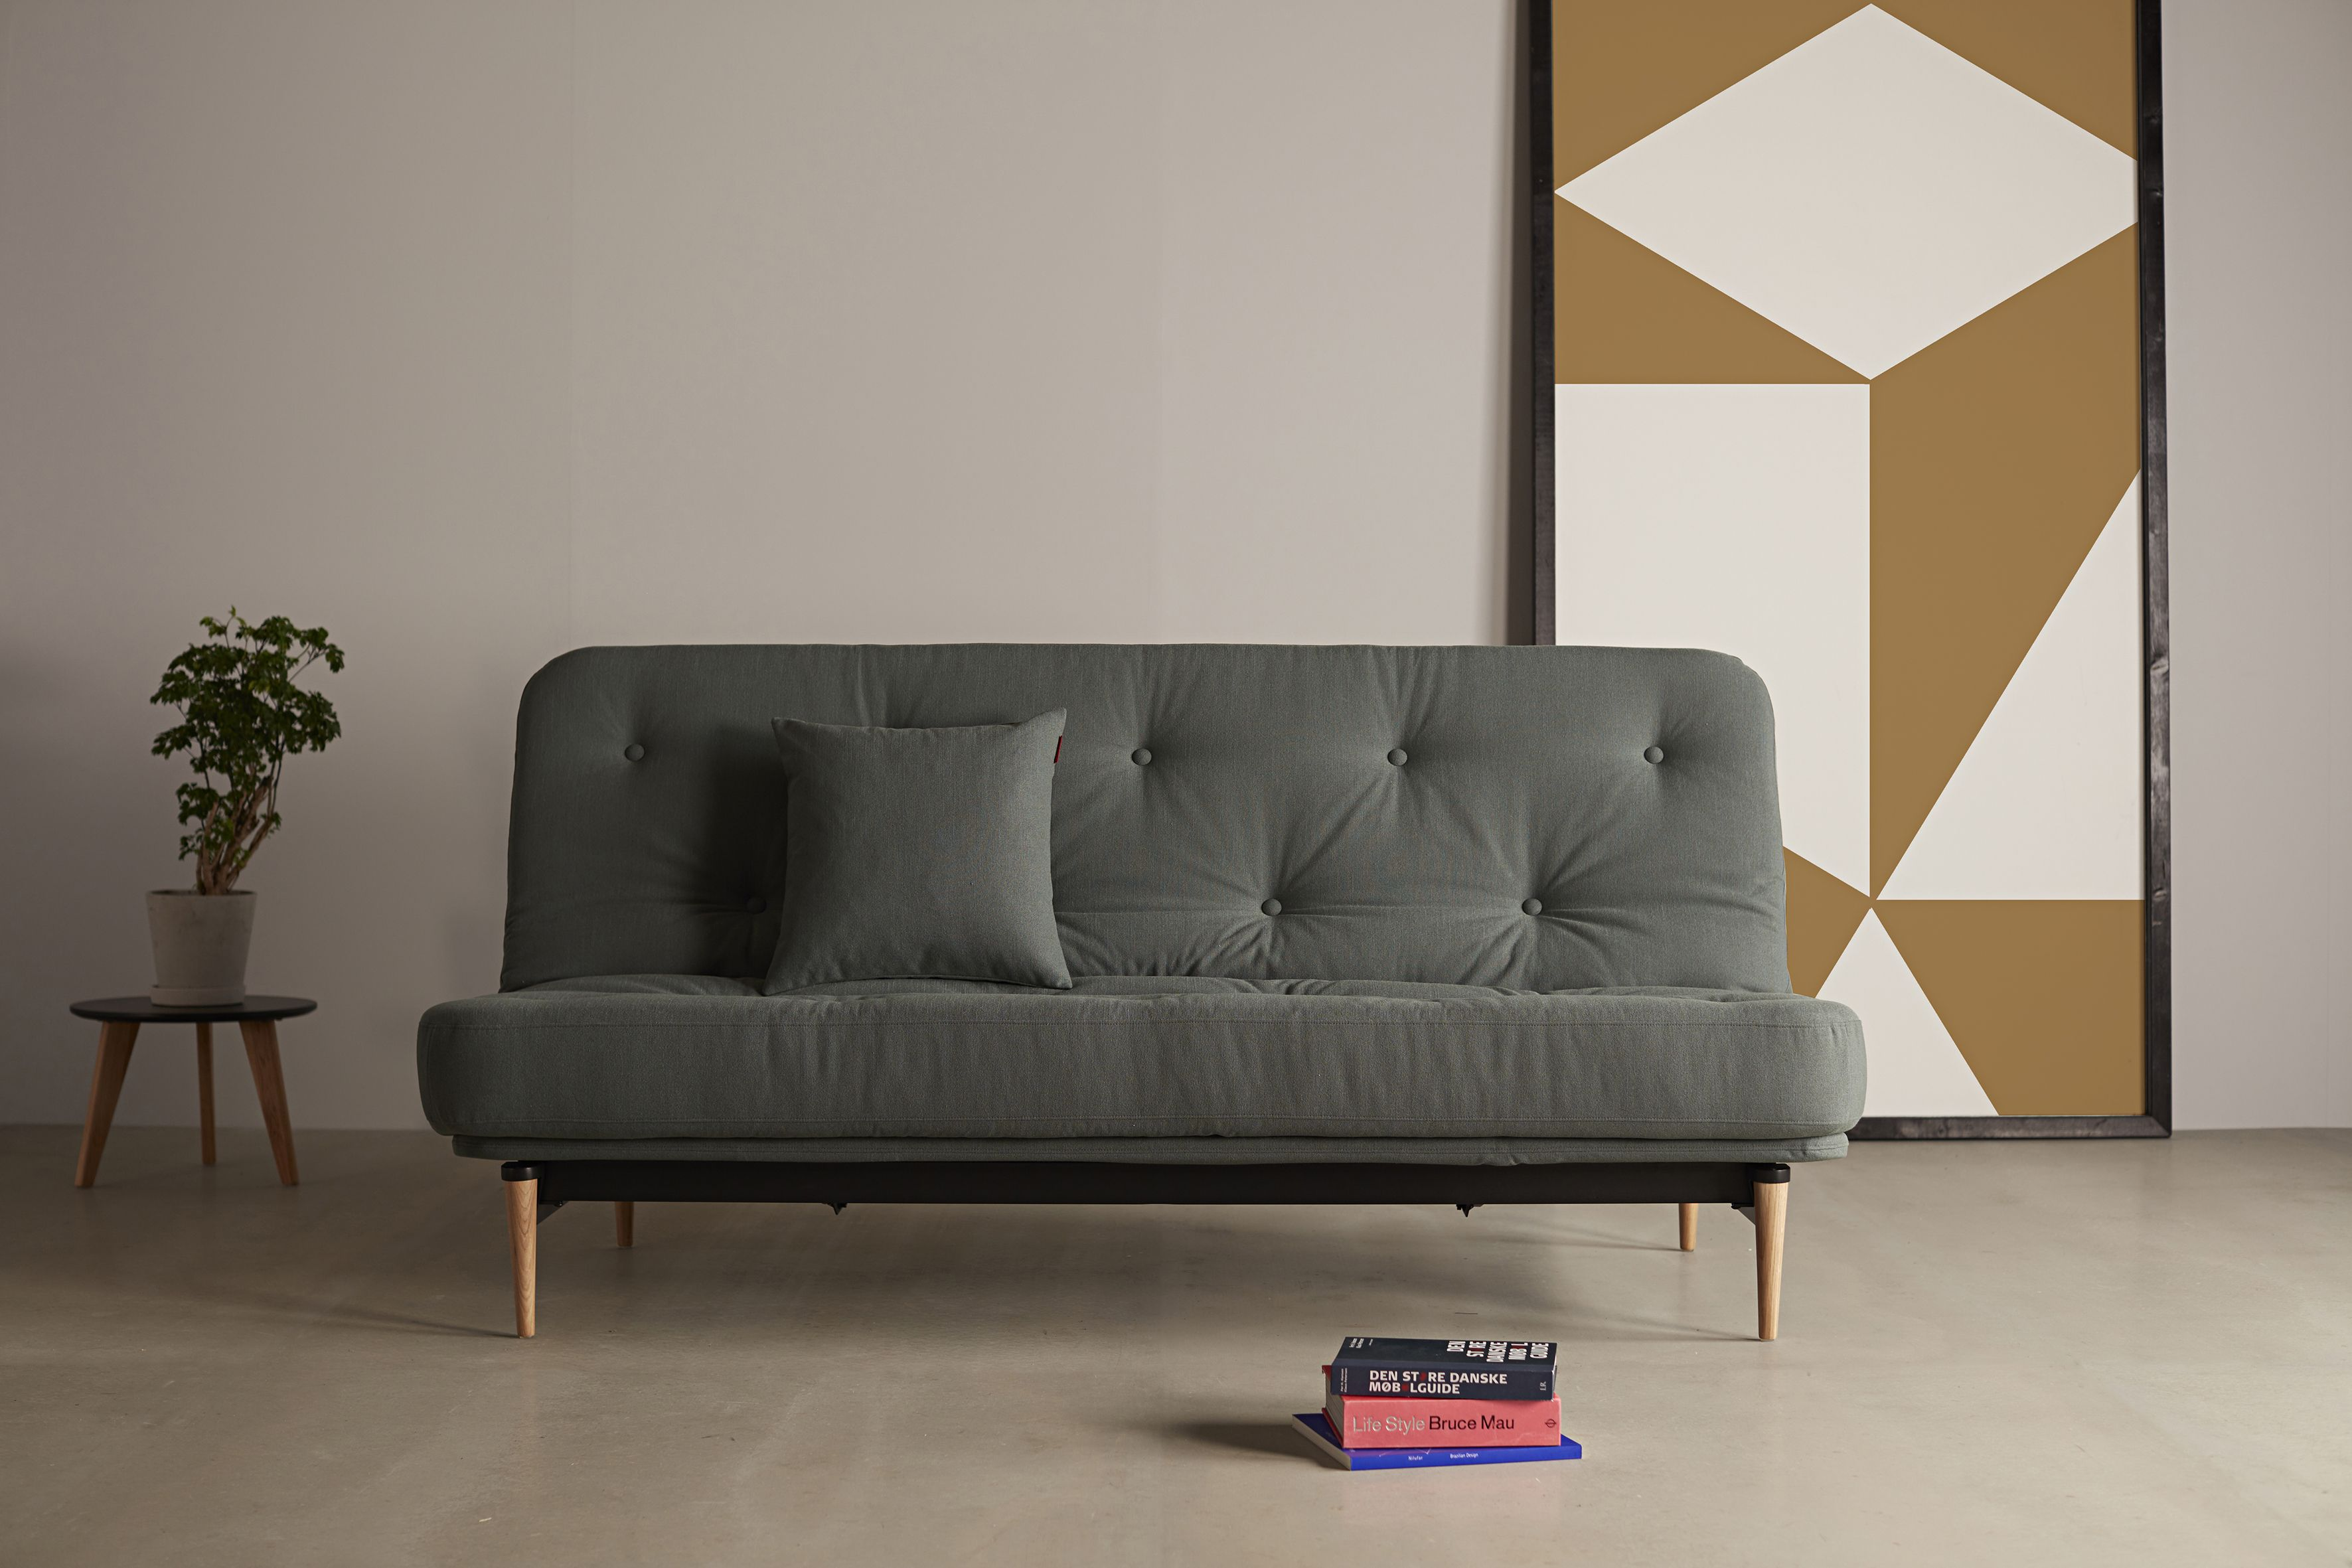 Das Neue Colpus 140 Sofabett Mit Dem Eleganten Styletto Holzfuss